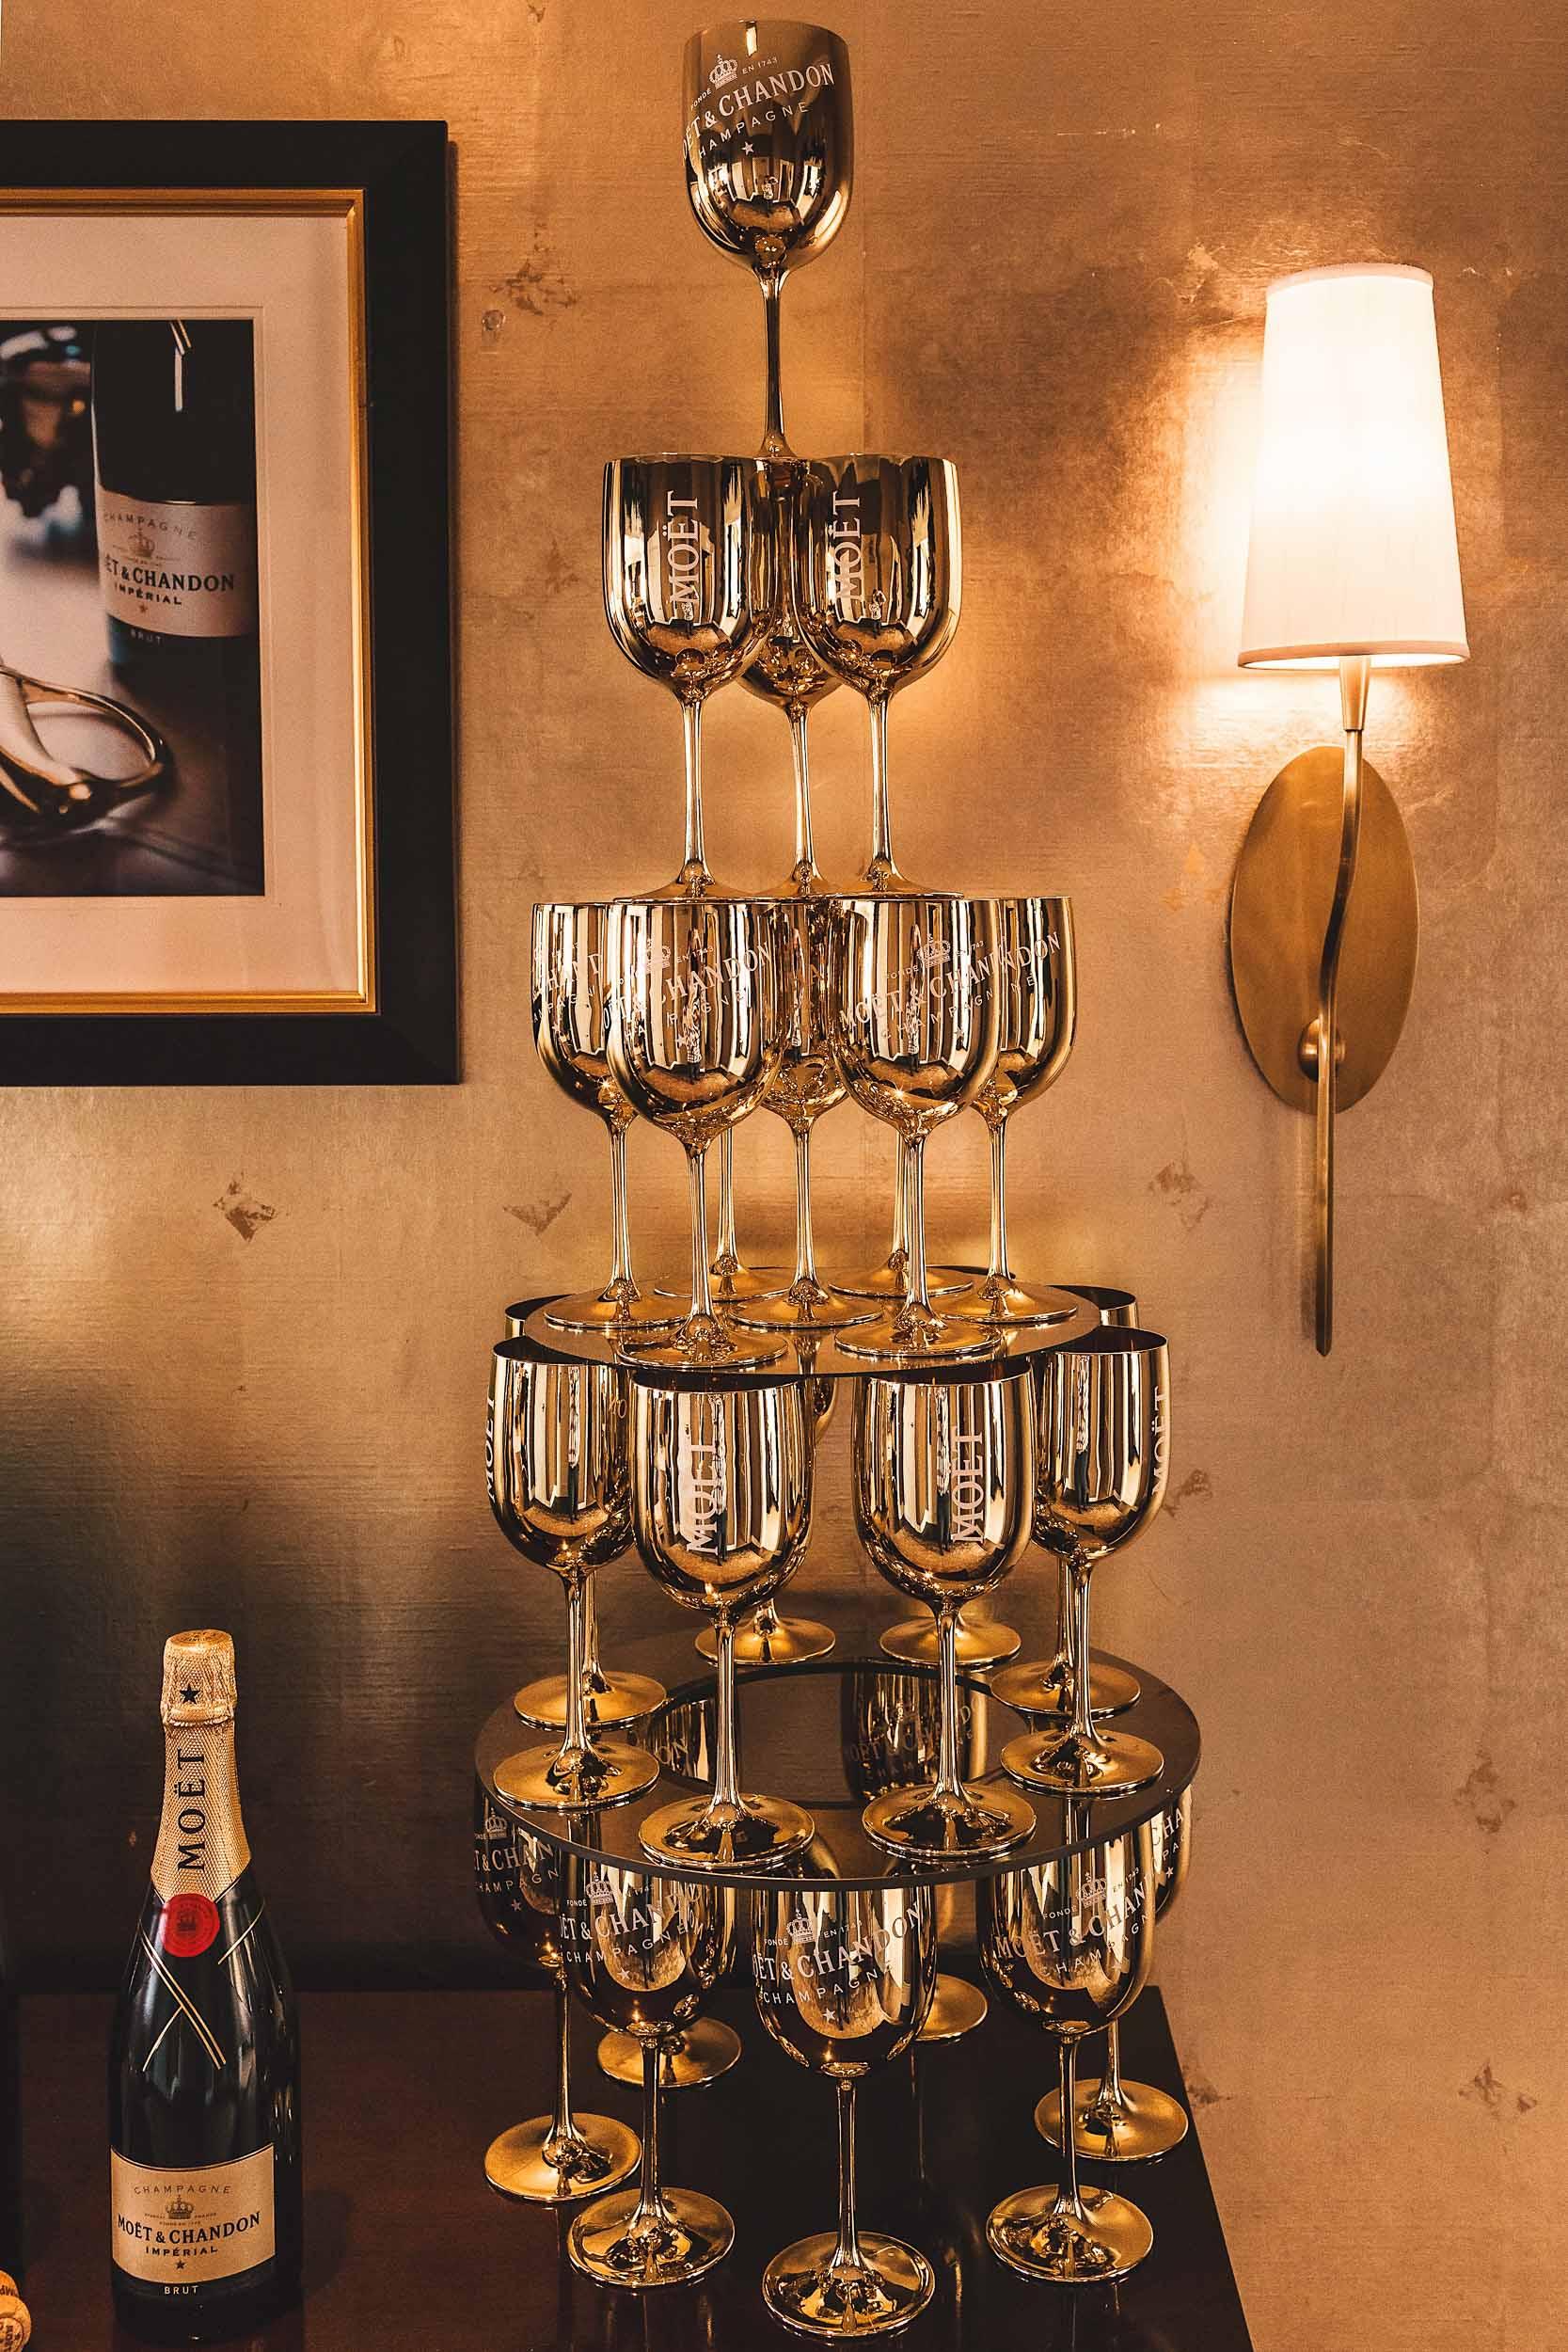 TheMoët & Chandon-inspired Sparkle Suiteat the Fairmont San Francisco